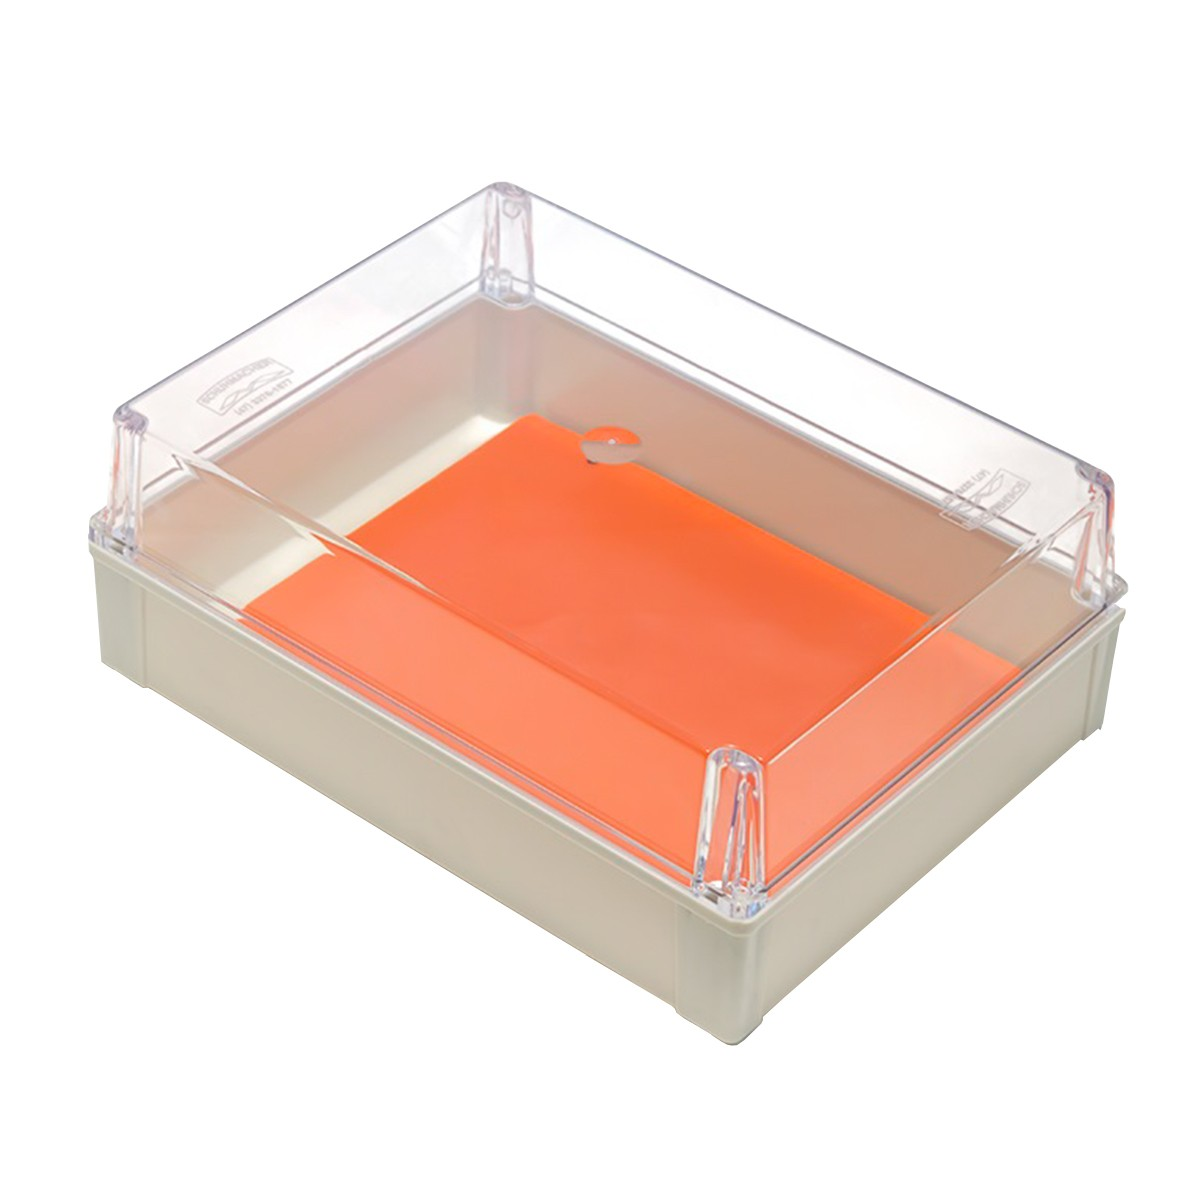 Caixa de Sobrepor Plástica Tampa Transparente 350x260x130mm Schuhmacher 21.15.08